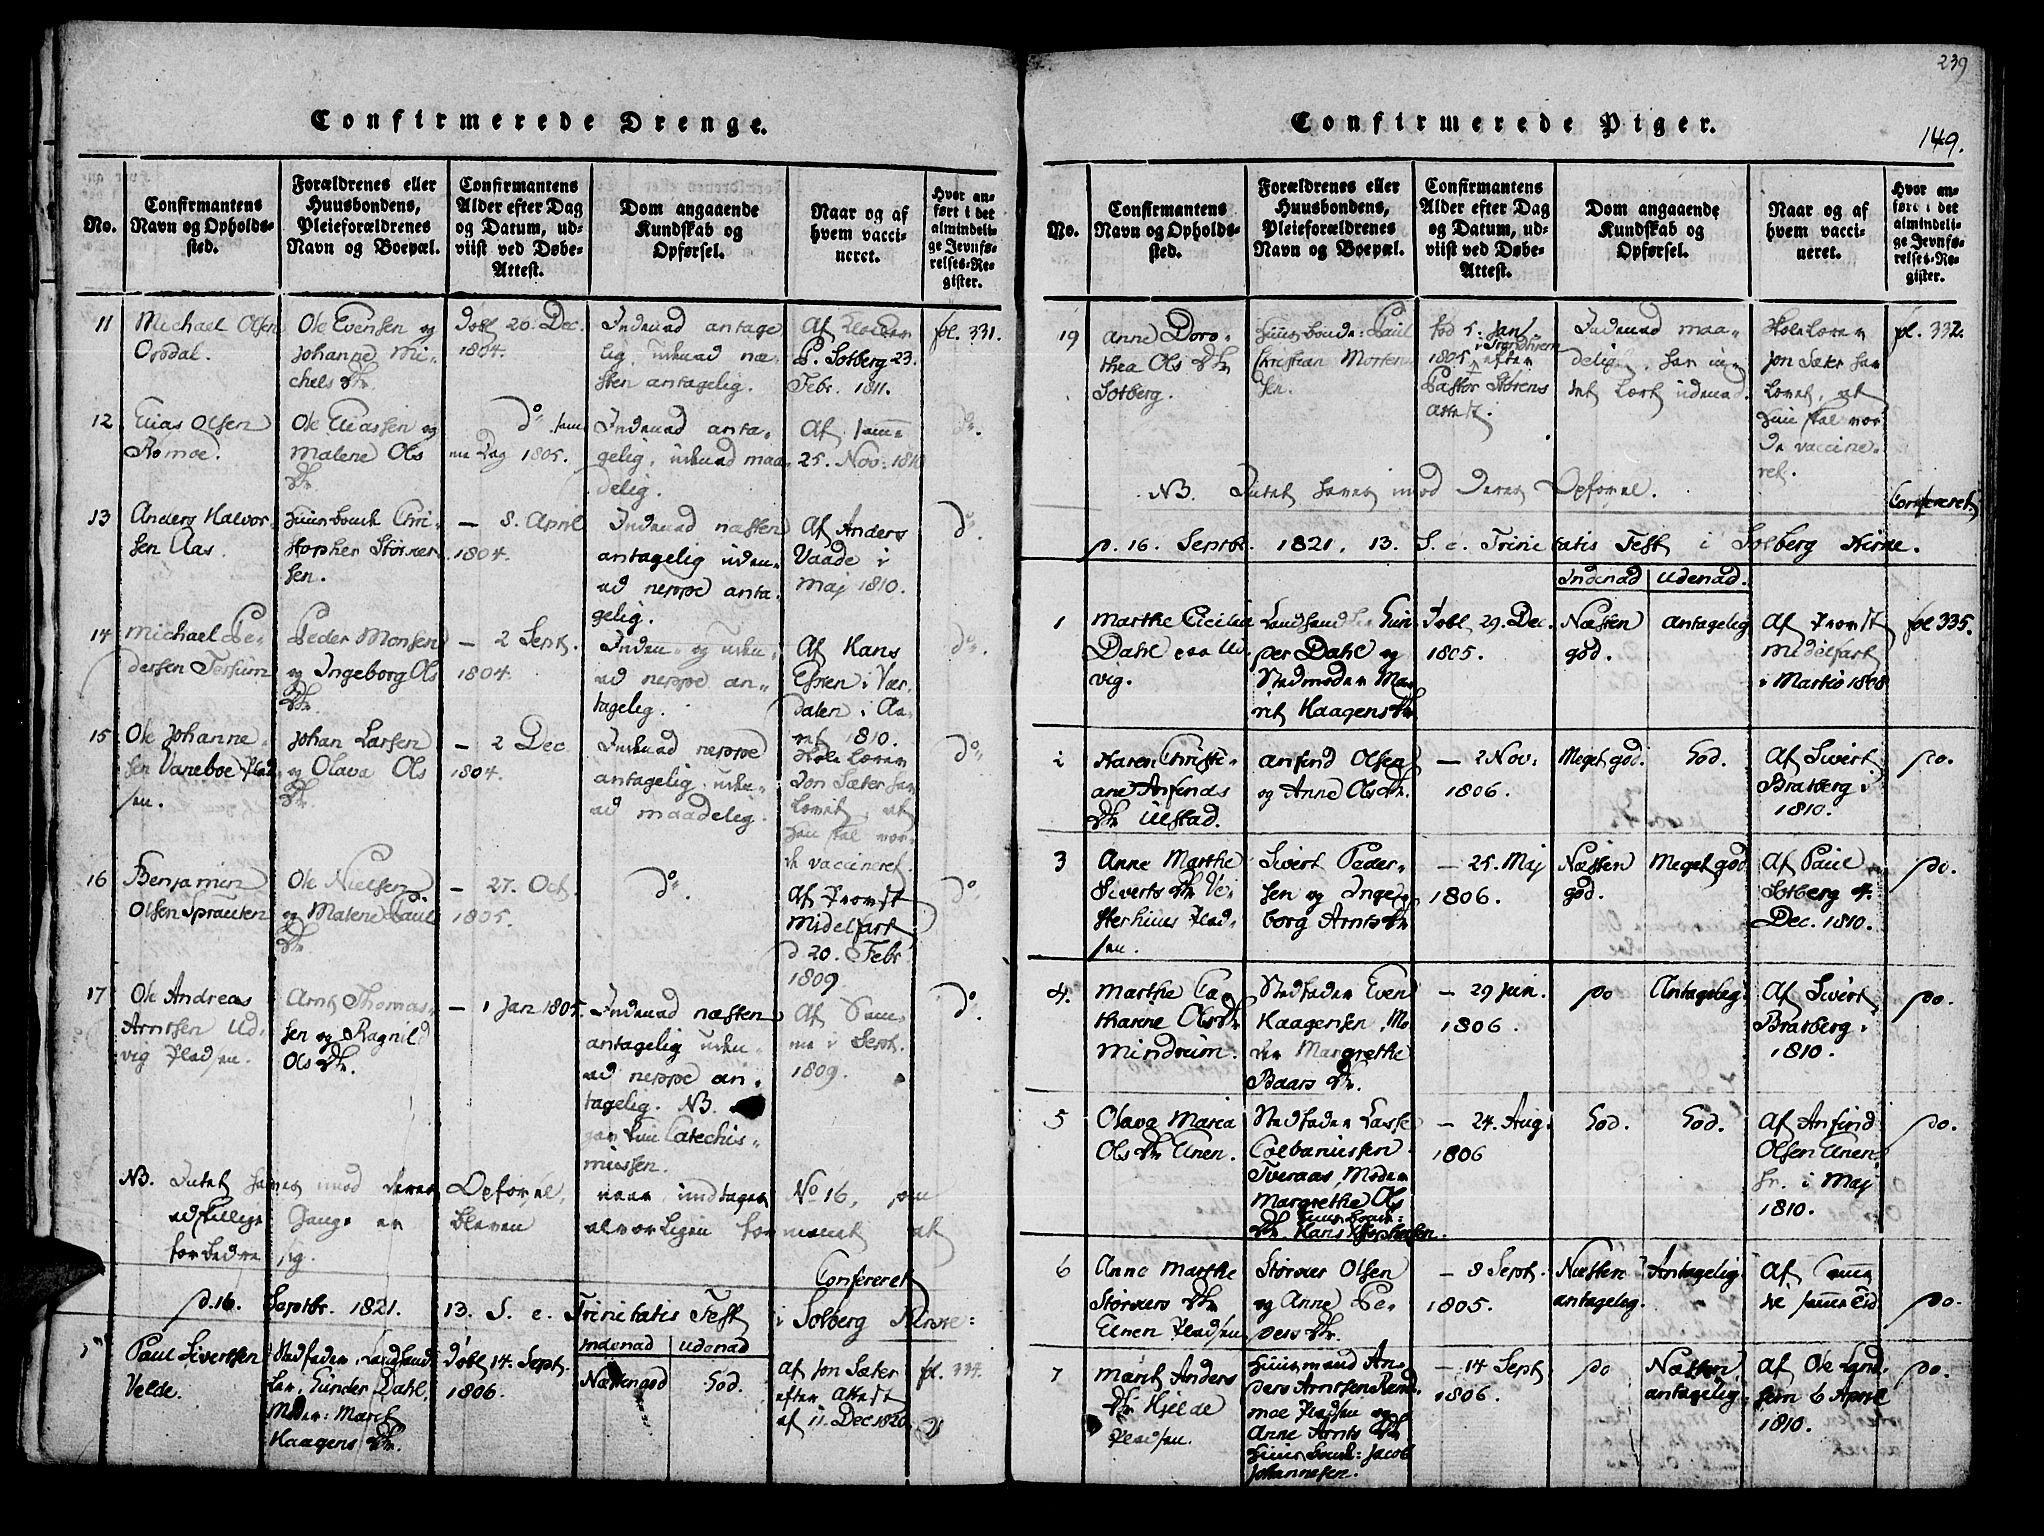 SAT, Ministerialprotokoller, klokkerbøker og fødselsregistre - Nord-Trøndelag, 741/L0387: Ministerialbok nr. 741A03 /1, 1817-1822, s. 149